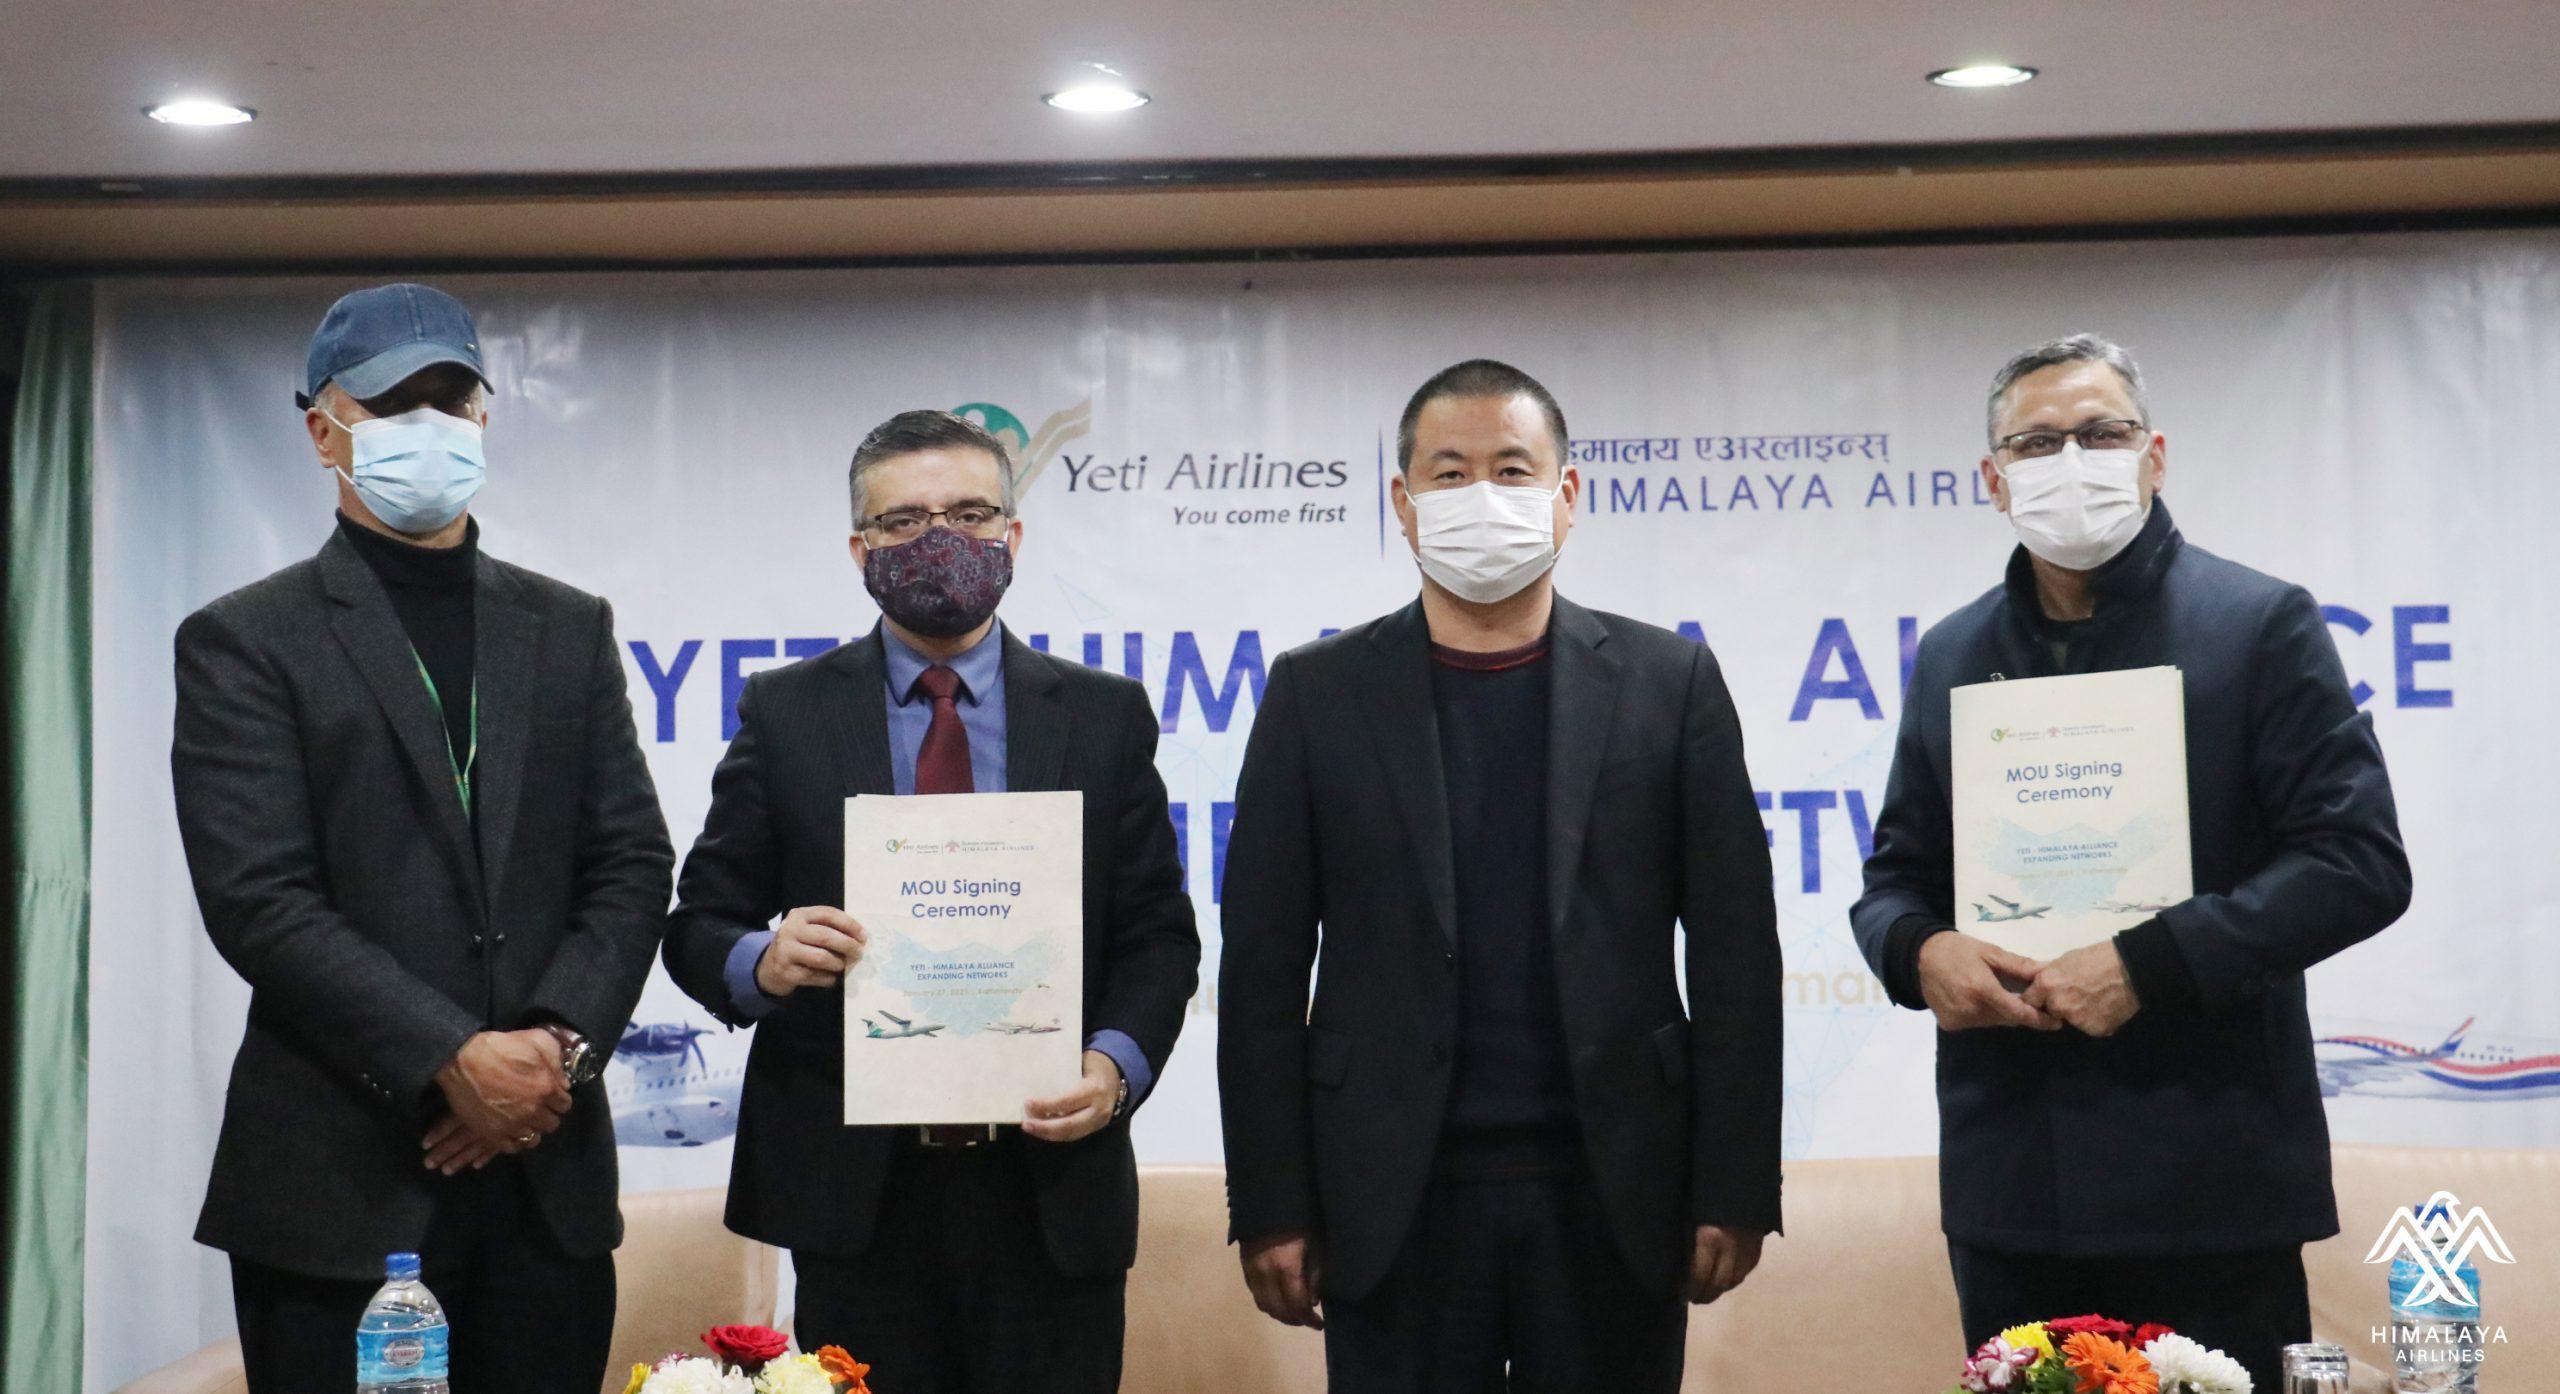 हिमालय एयरलाइन्स र यती एयरलाइन्सबीच व्यावसायिक सहकार्य